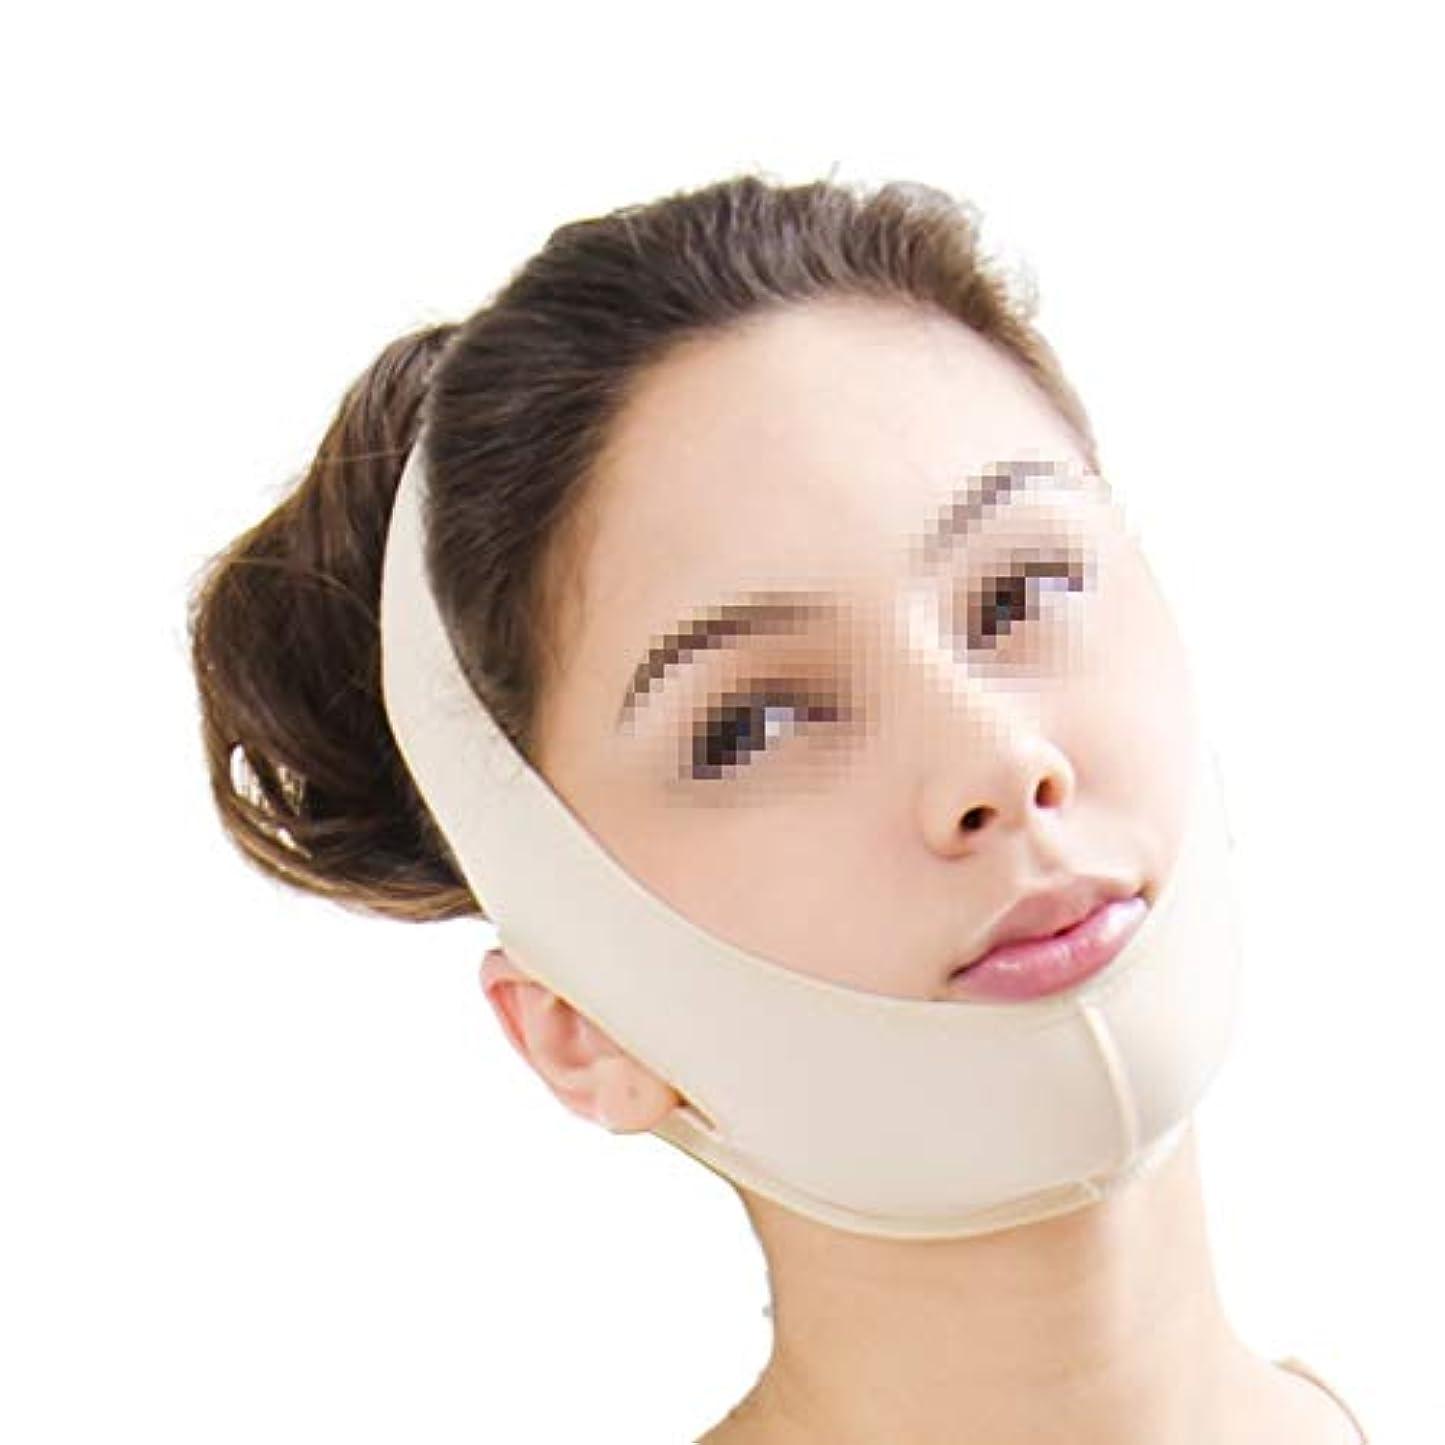 鎮痛剤不毛倍率フェイスリフトマスク、圧縮後の顎顔面二重あご化粧品脂肪吸引小さな顔包帯弾性ヘッドギア (Size : XXL)